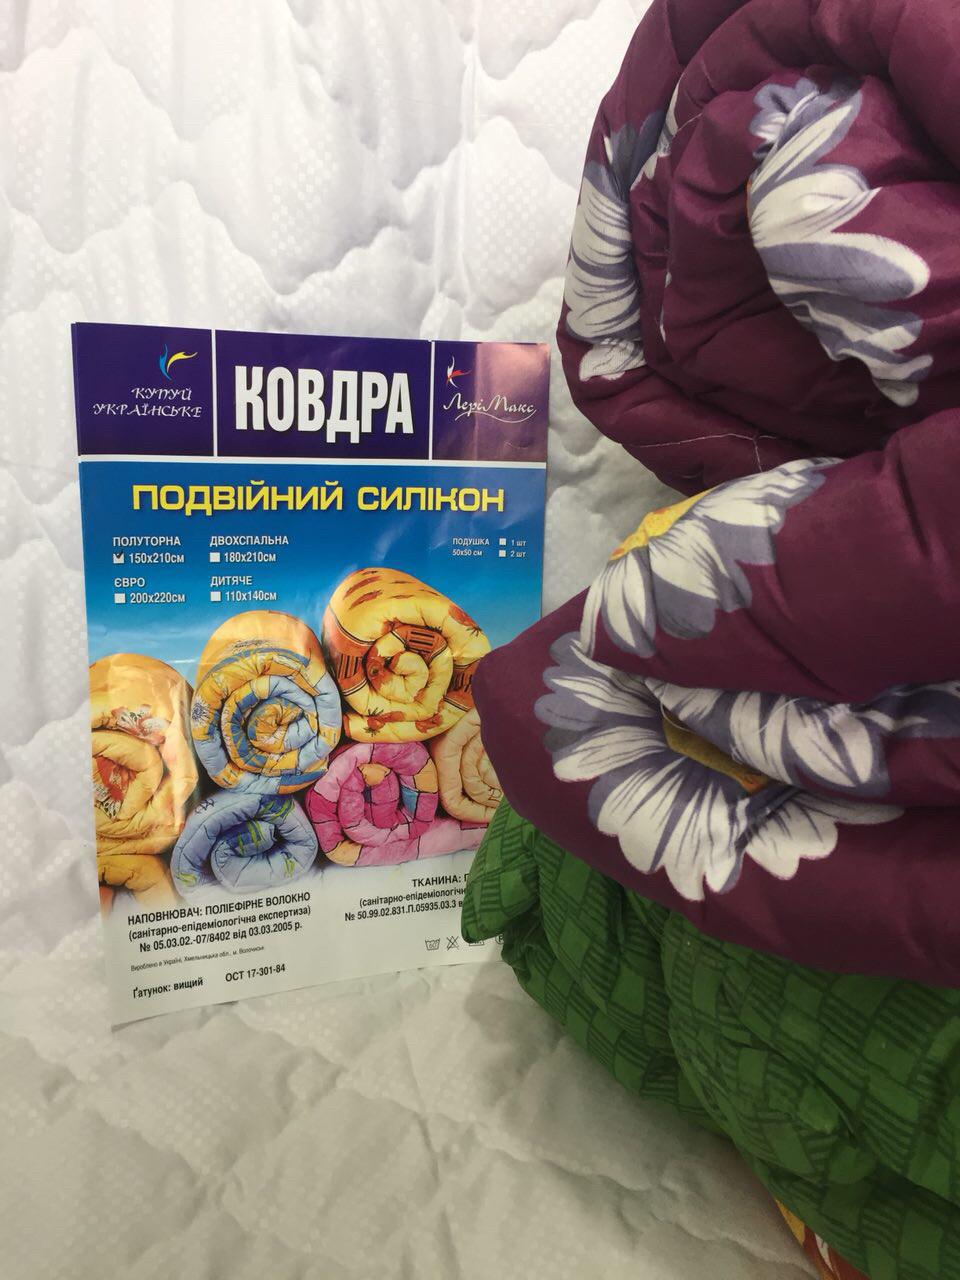 Одеяло Двойной силикон в поликоттоне 180*215см.